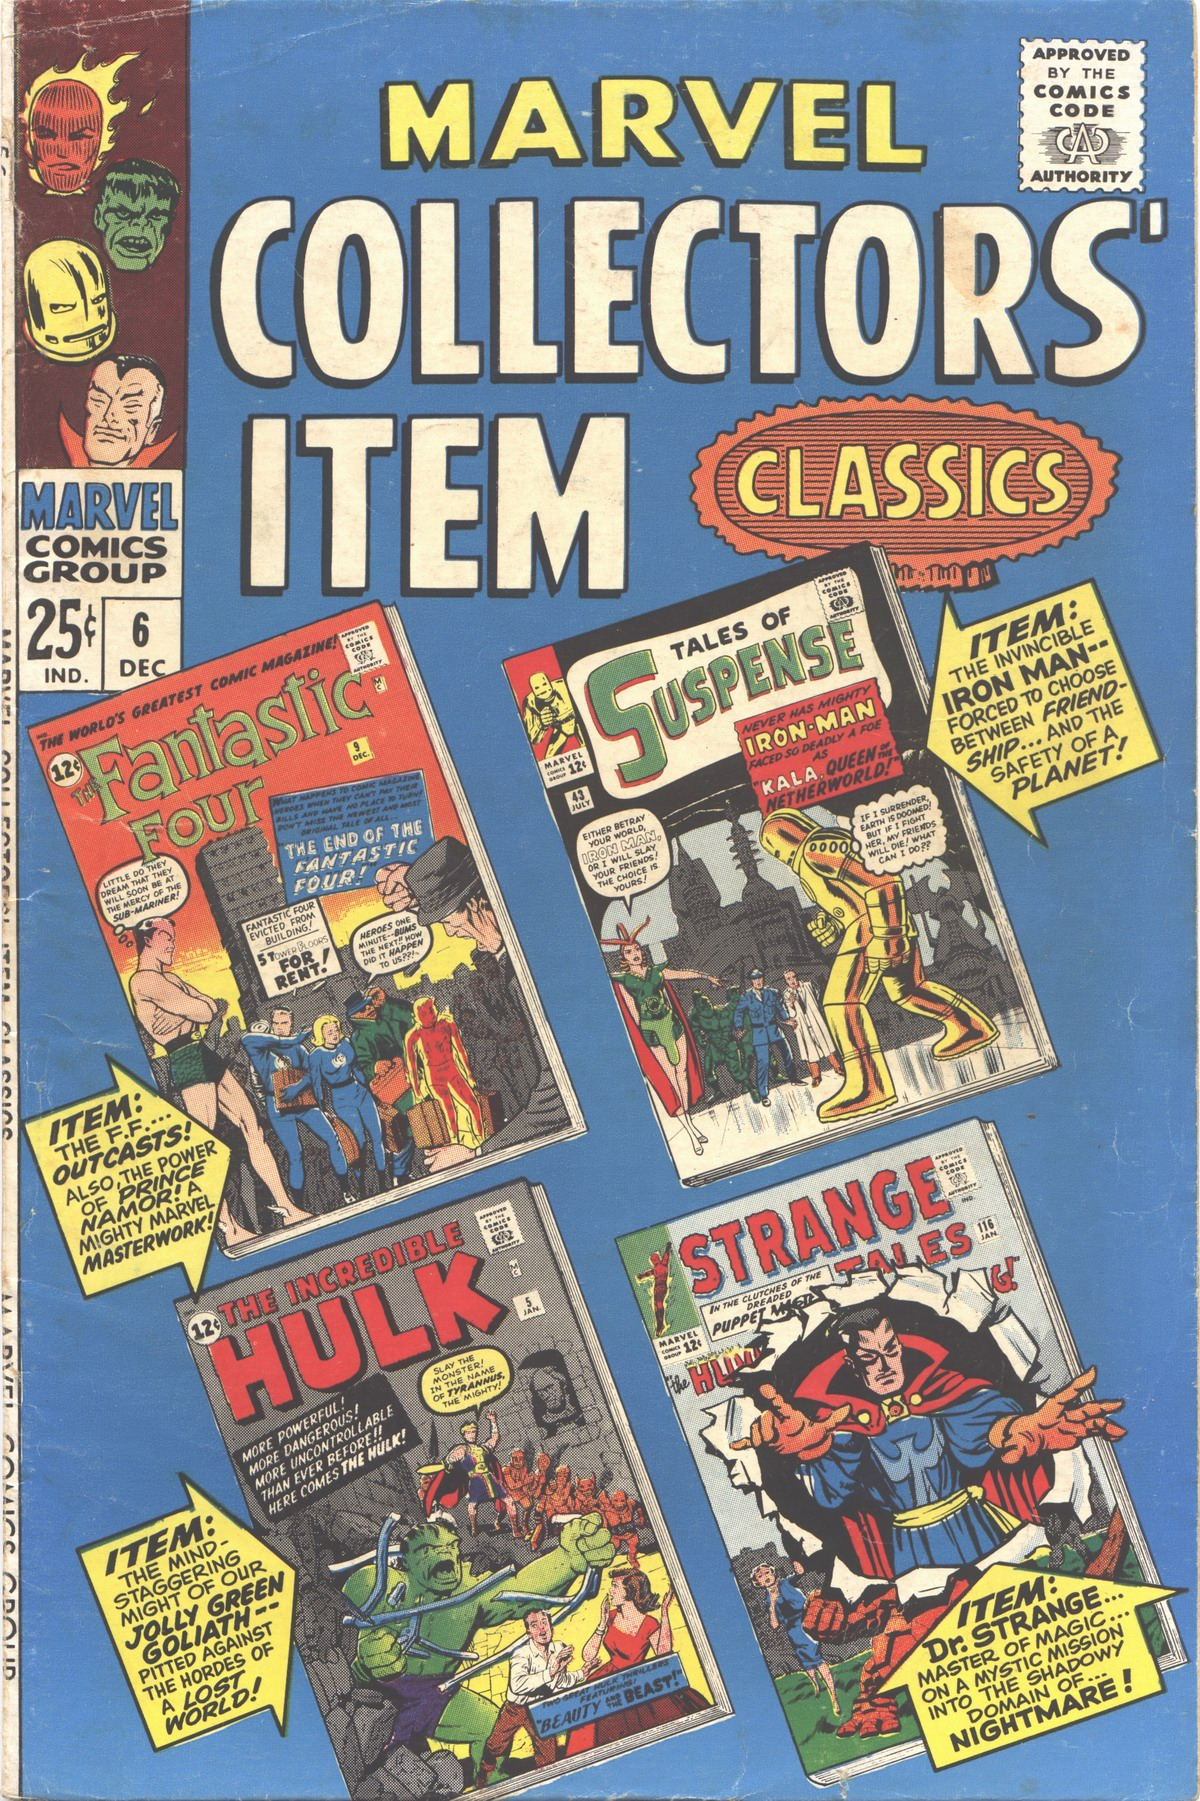 Marvel Collectors Item Classics 6 Page 1